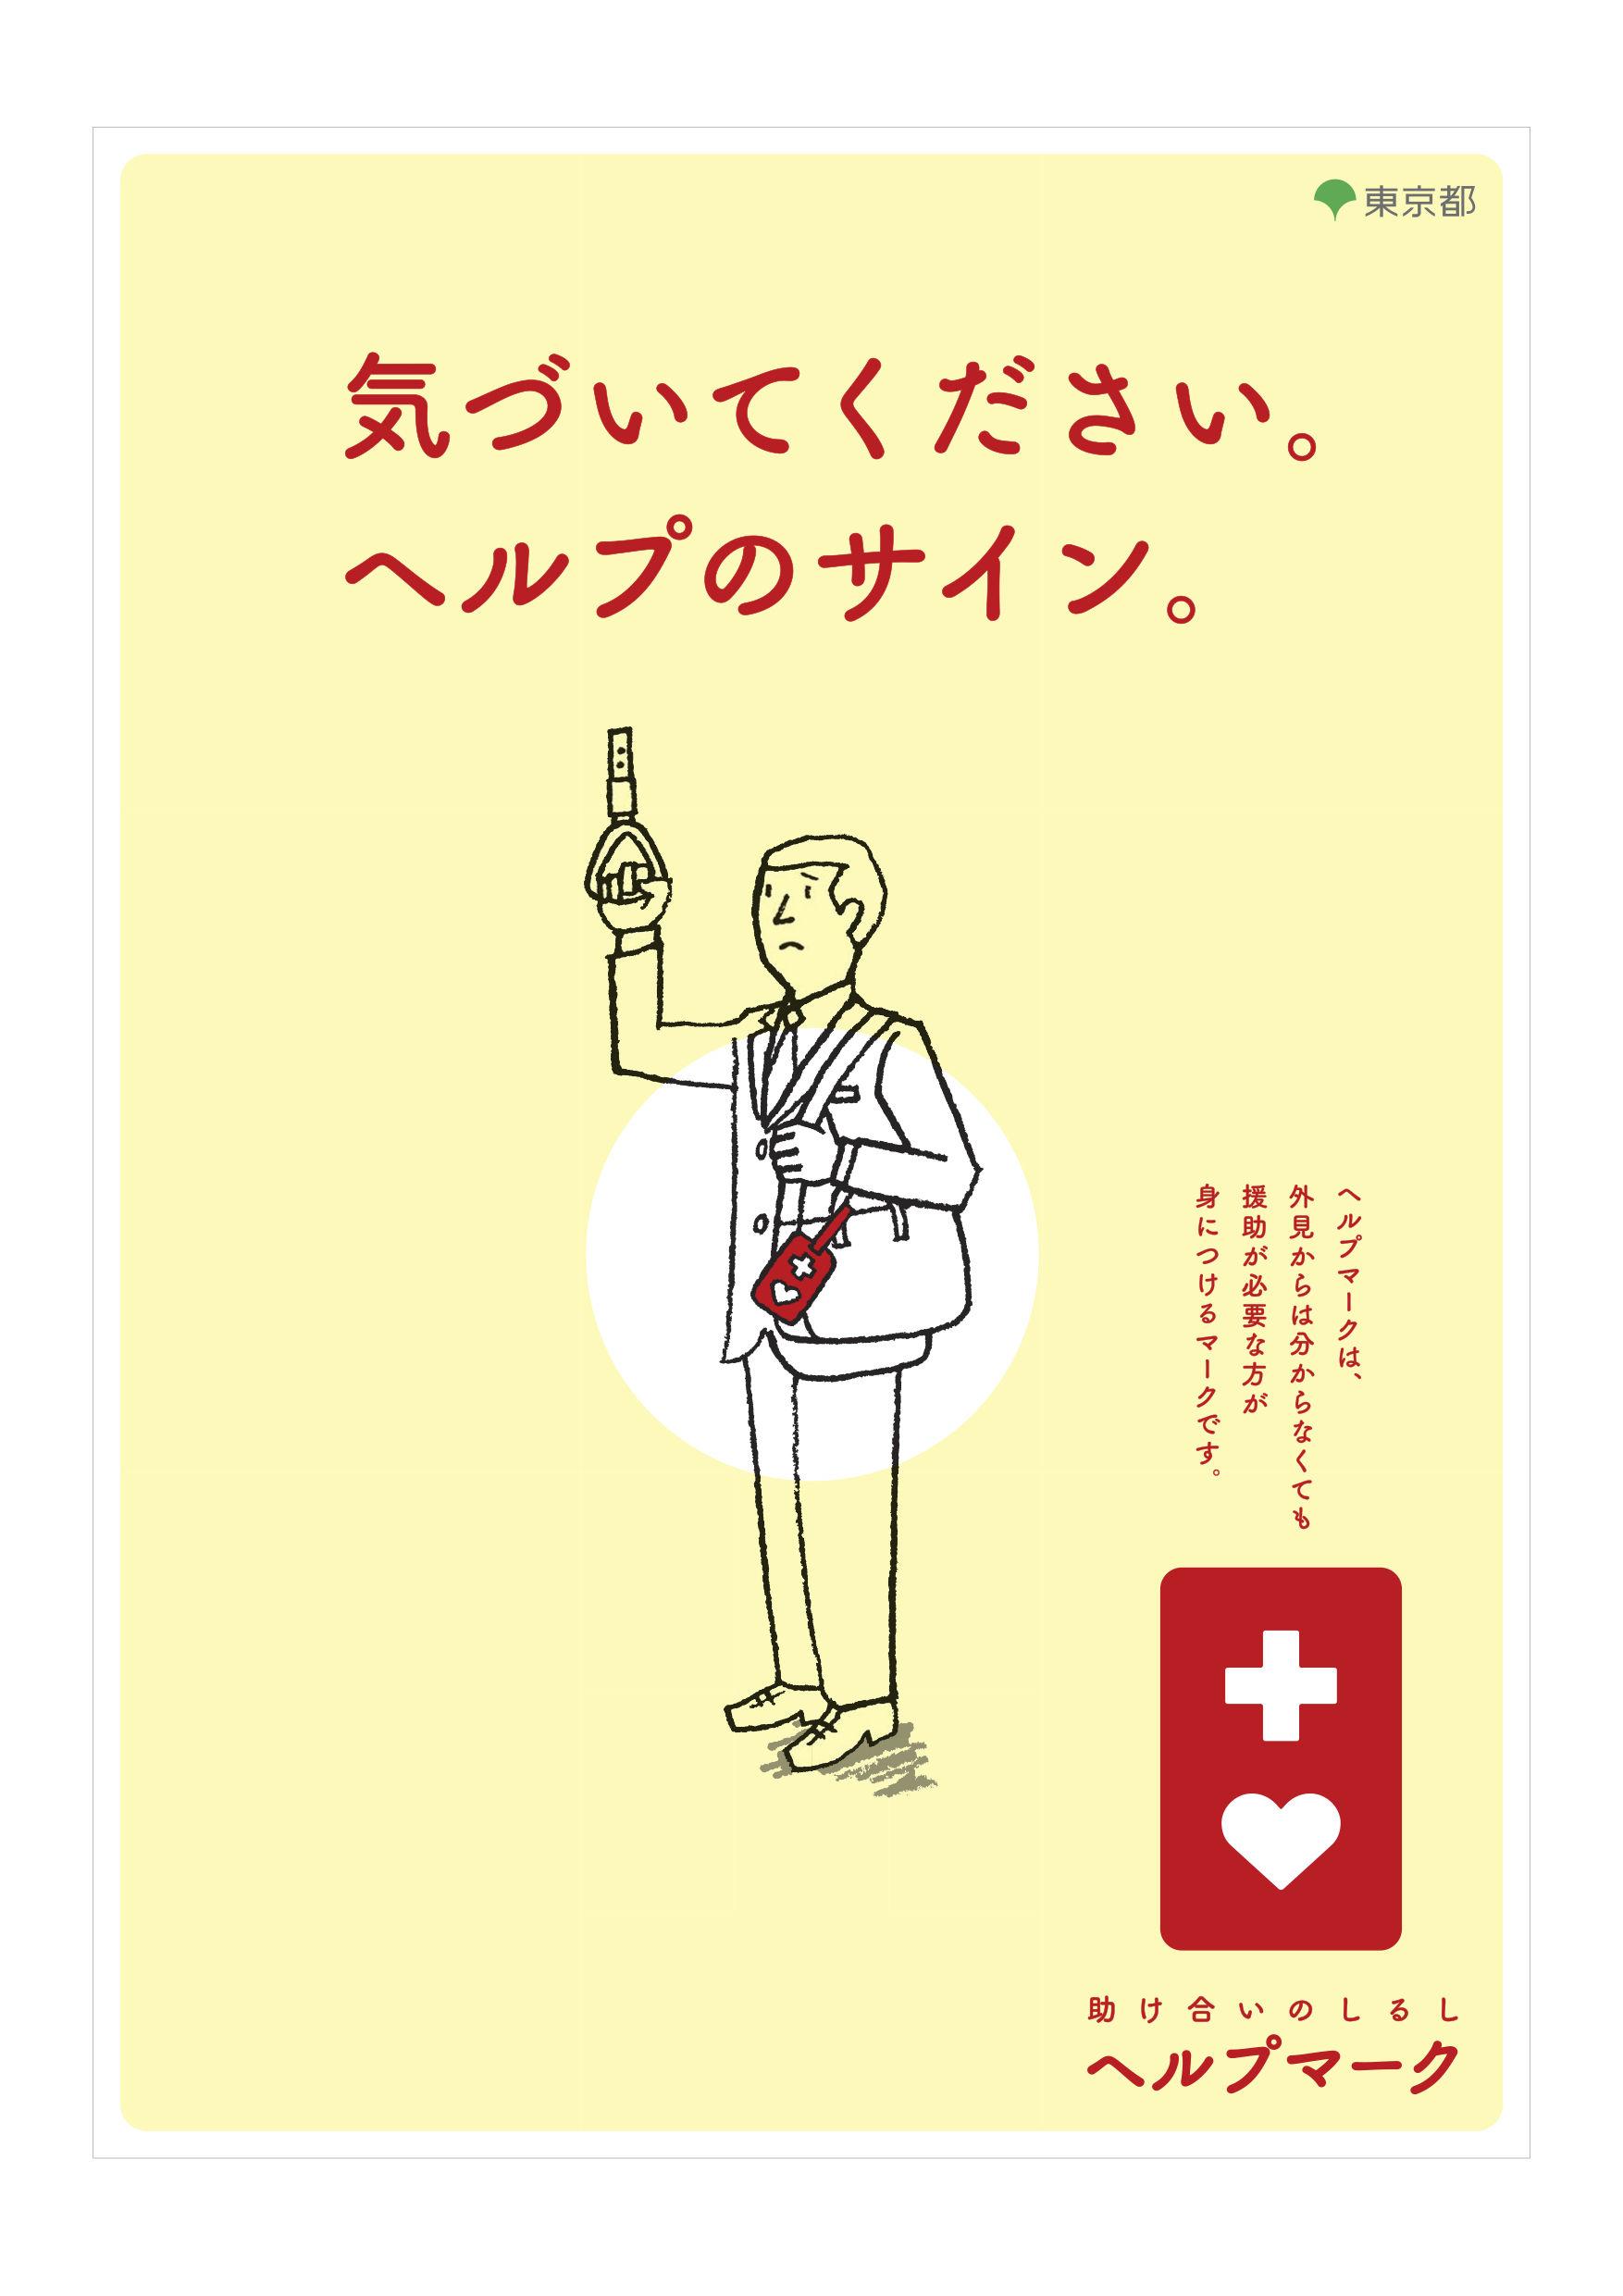 """東京都が推進する「ヘルプマーク」の意味知っていますか? あなたの """"力""""が必要です"""